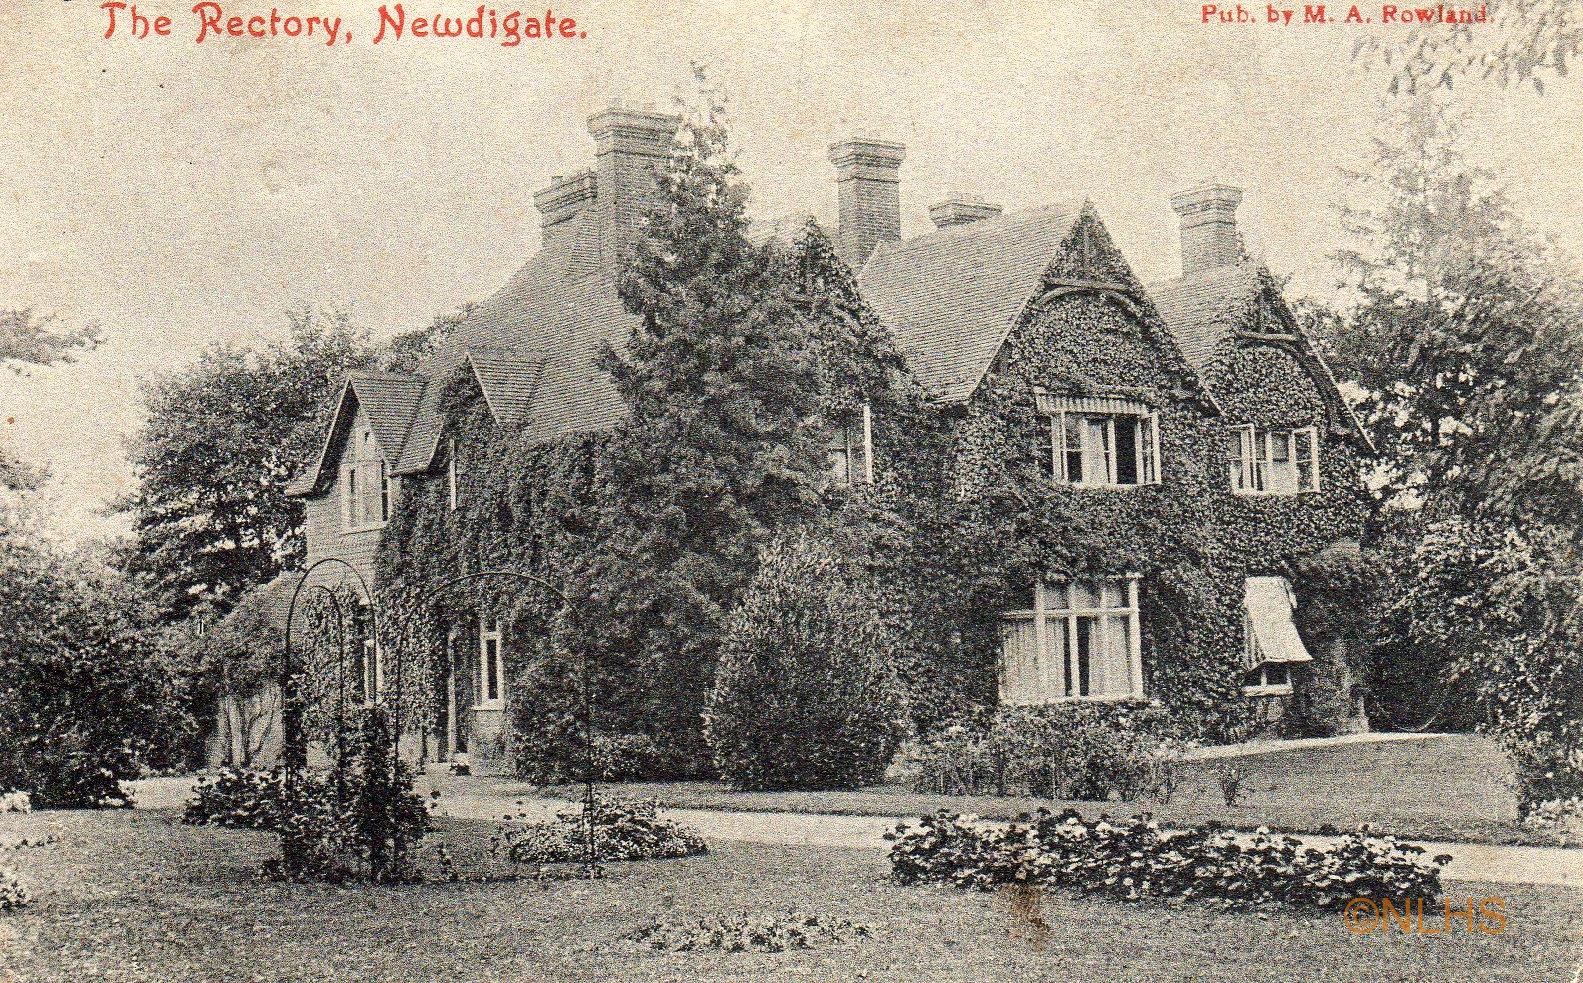 Postmark 1906